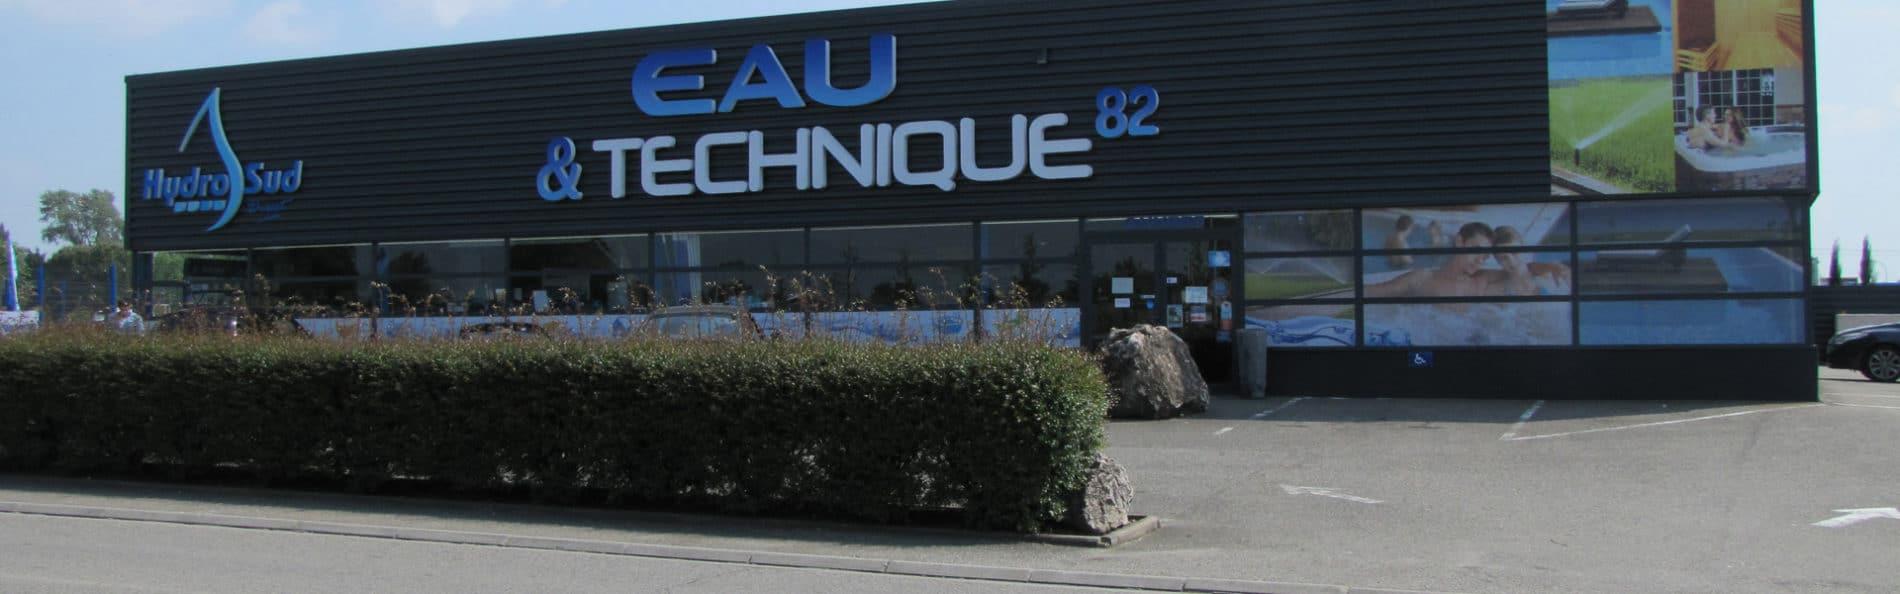 Eau et Technique 82 – Hydro Sud Montauban